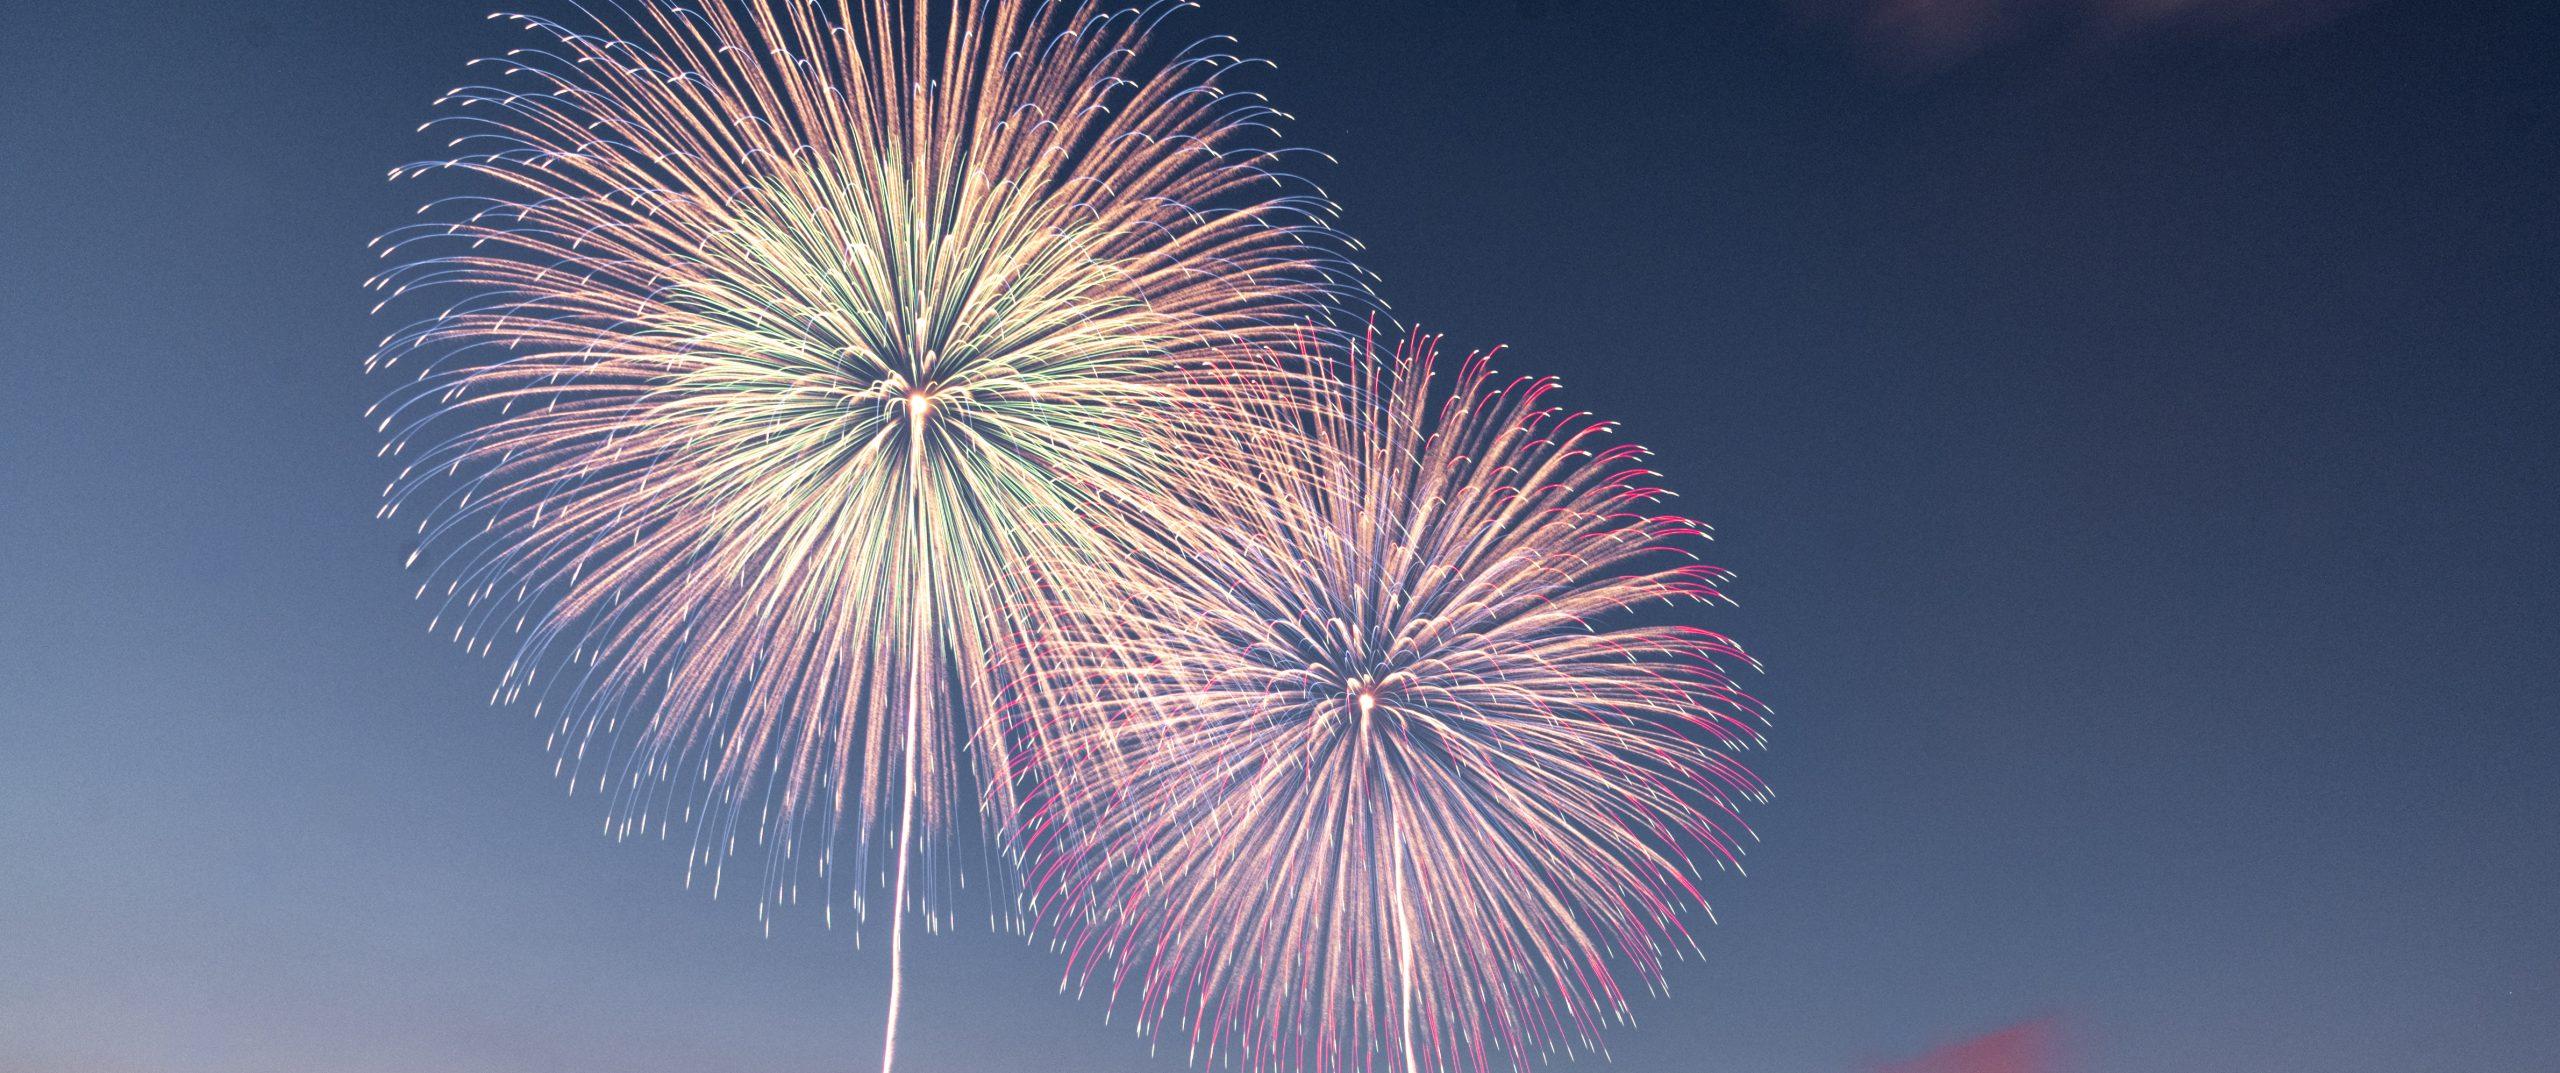 【タイムズフェス】夜空に咲く大輪 花火を写真に写す